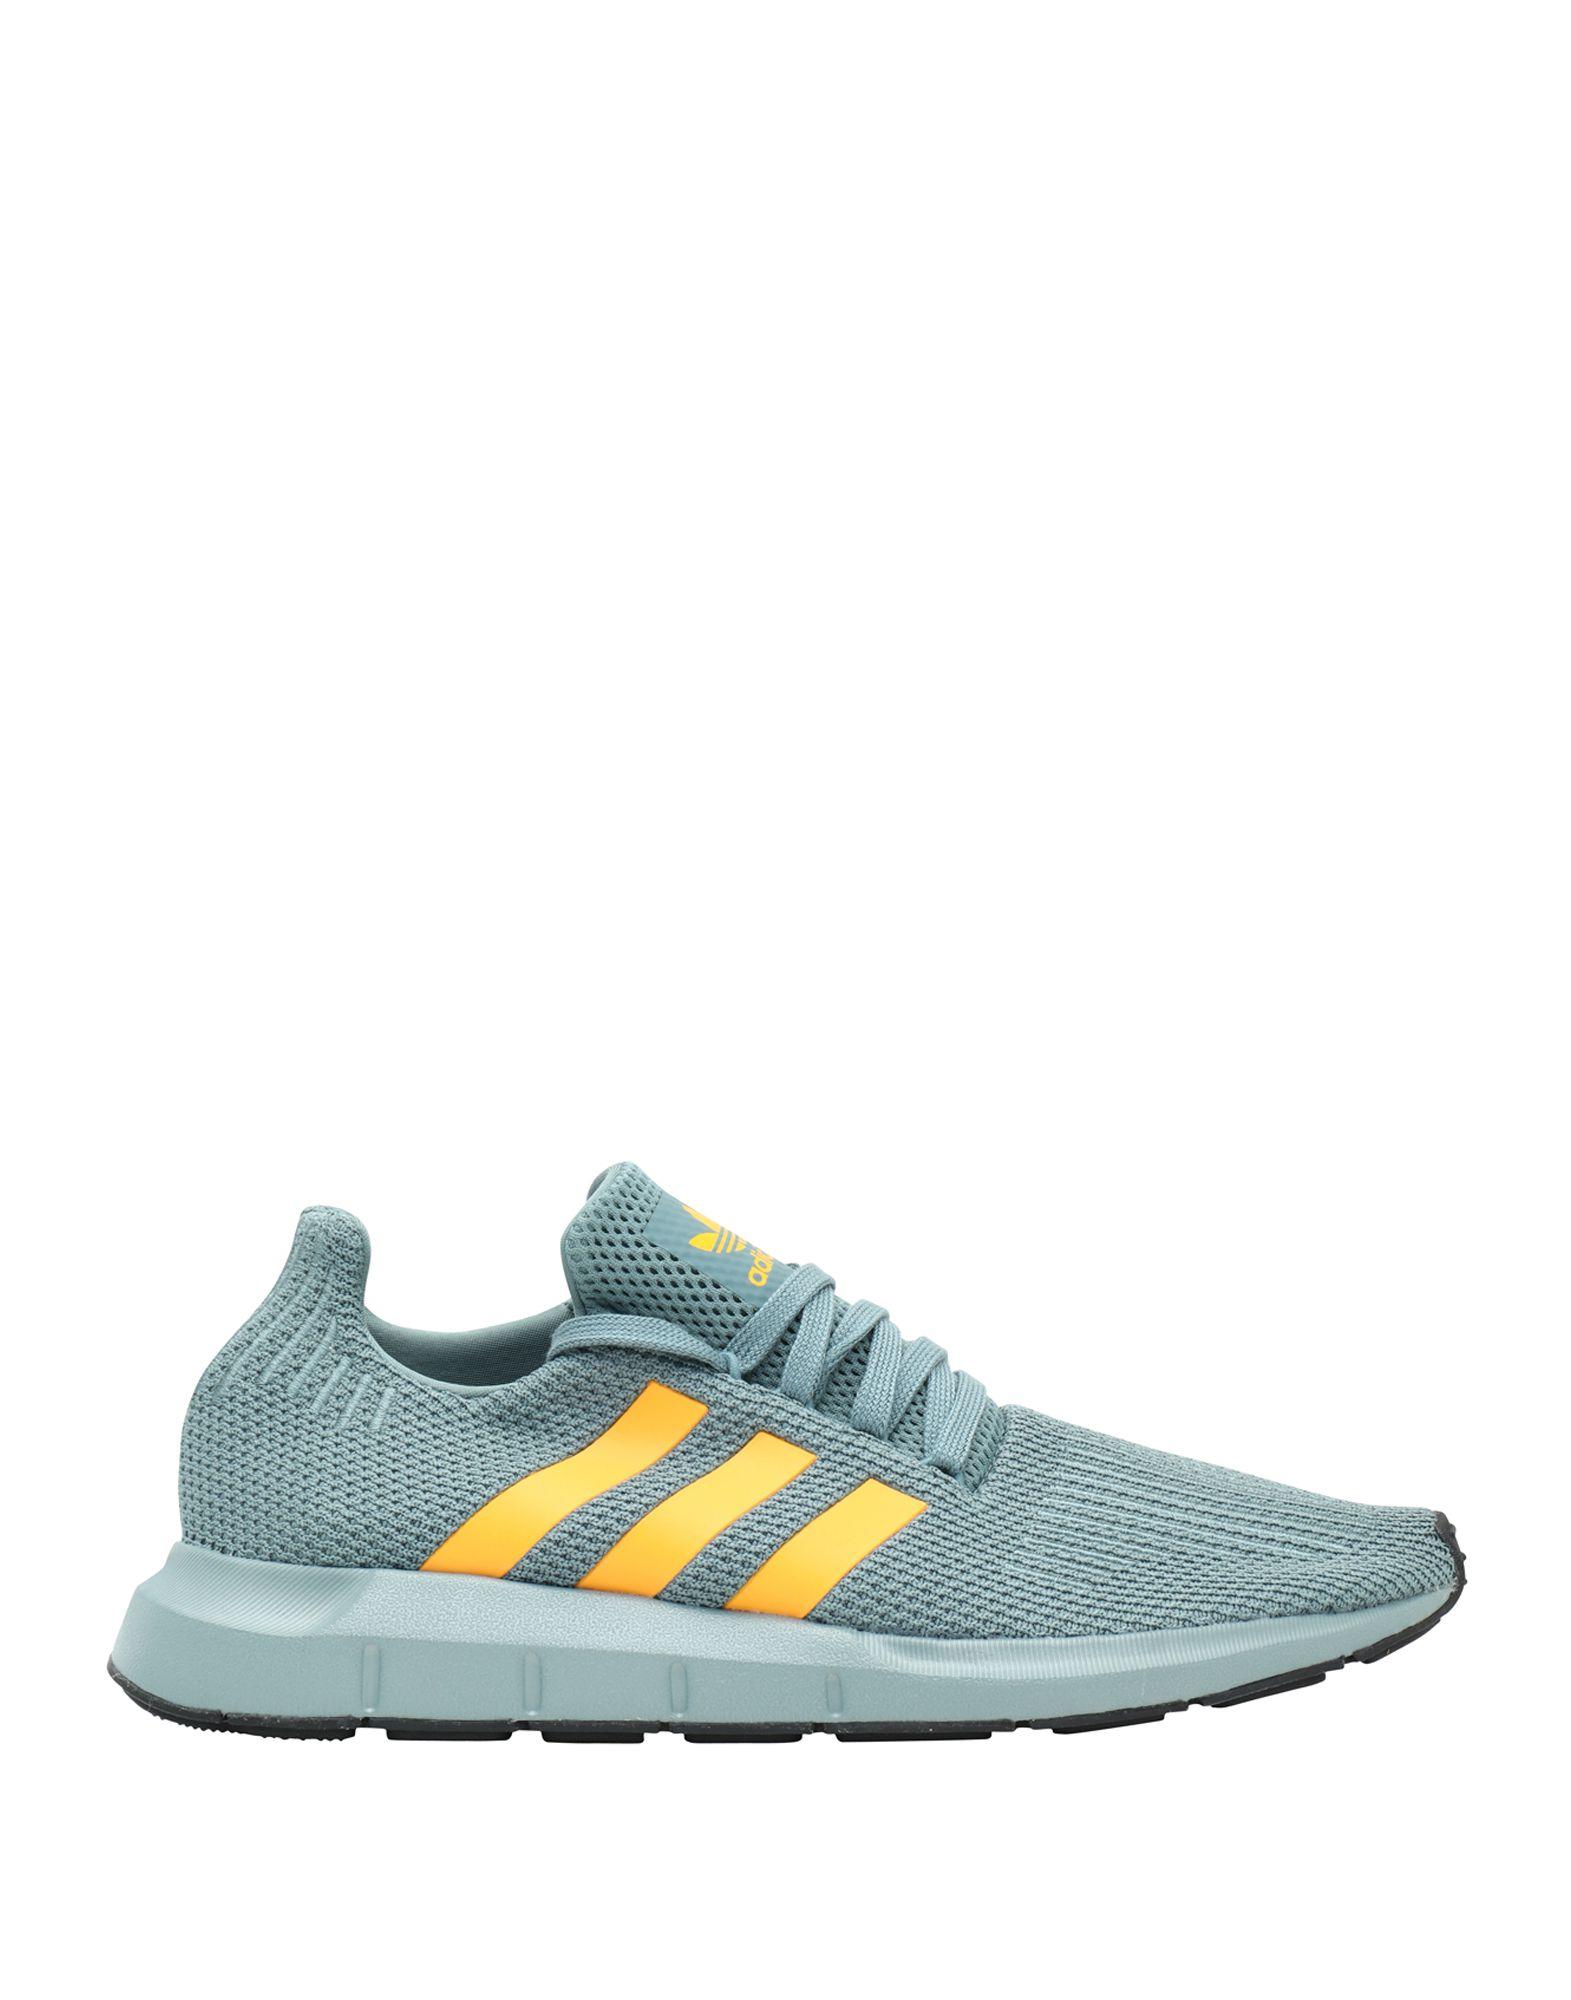 Zapatillas Adidas Originals Swift Adidas Run - Hombre - Zapatillas Adidas Swift Originals  Verde militar a7076e